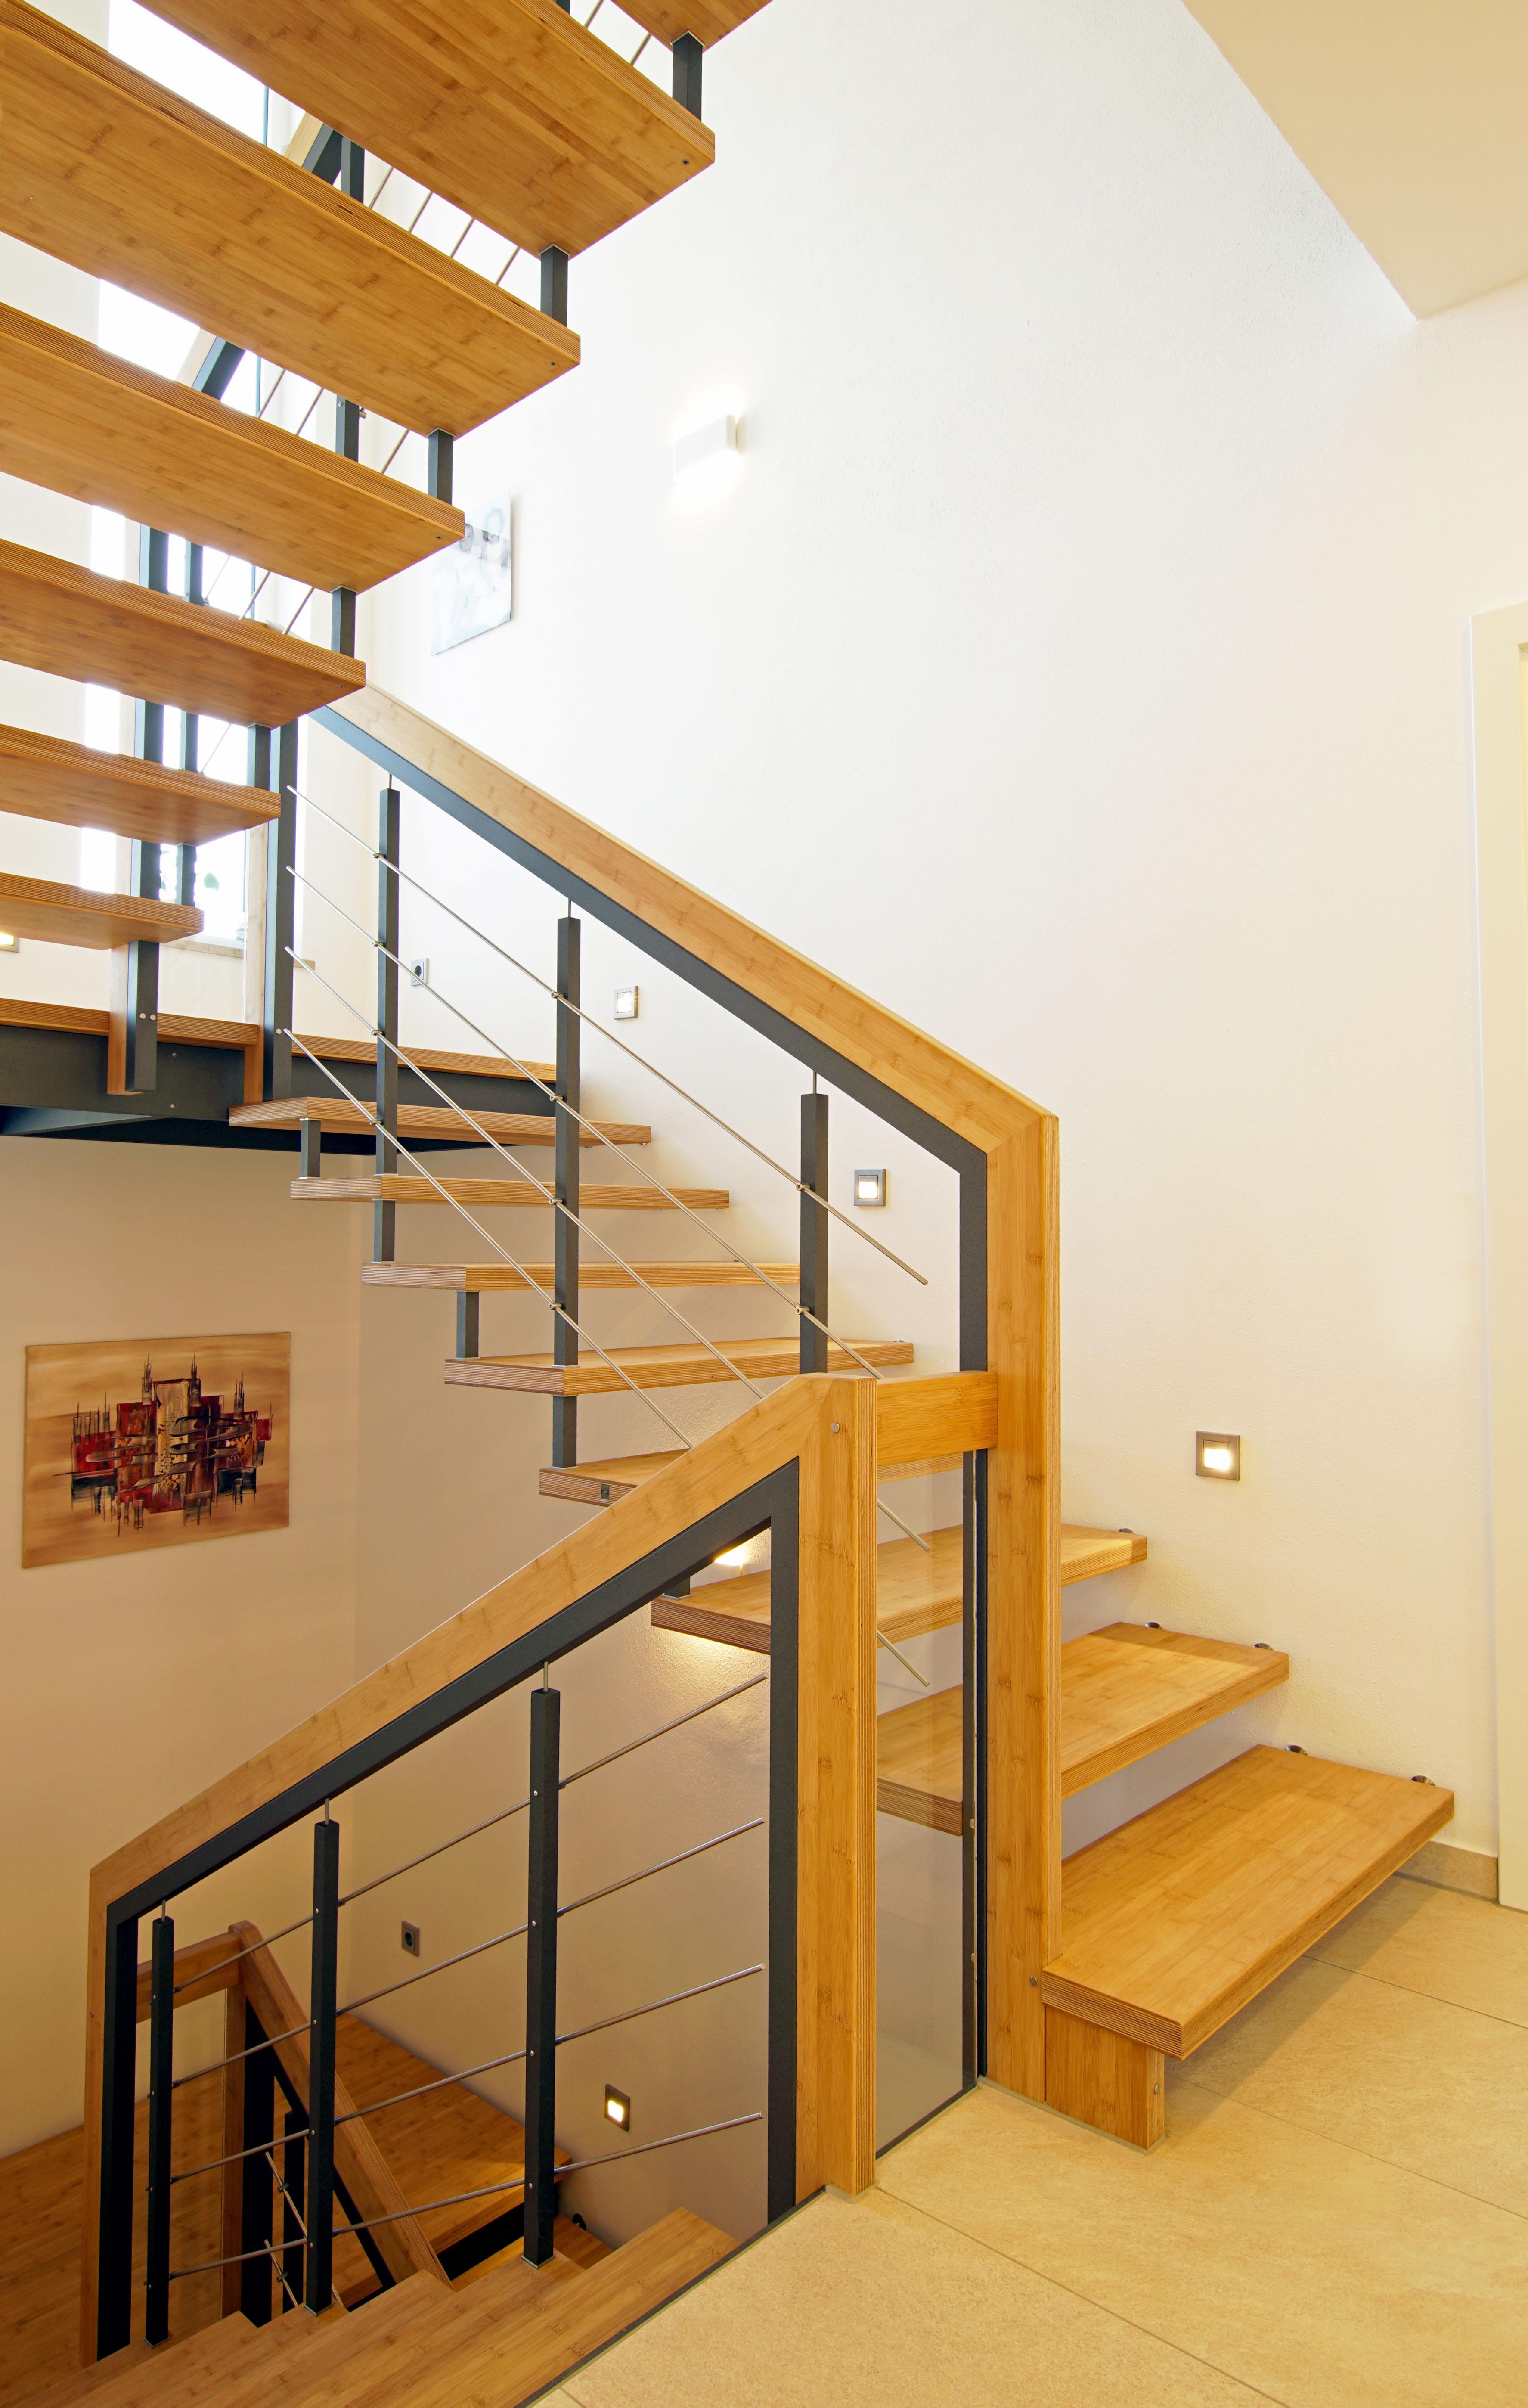 Freitragende Treppe freitragende treppen treppen arte regensburg